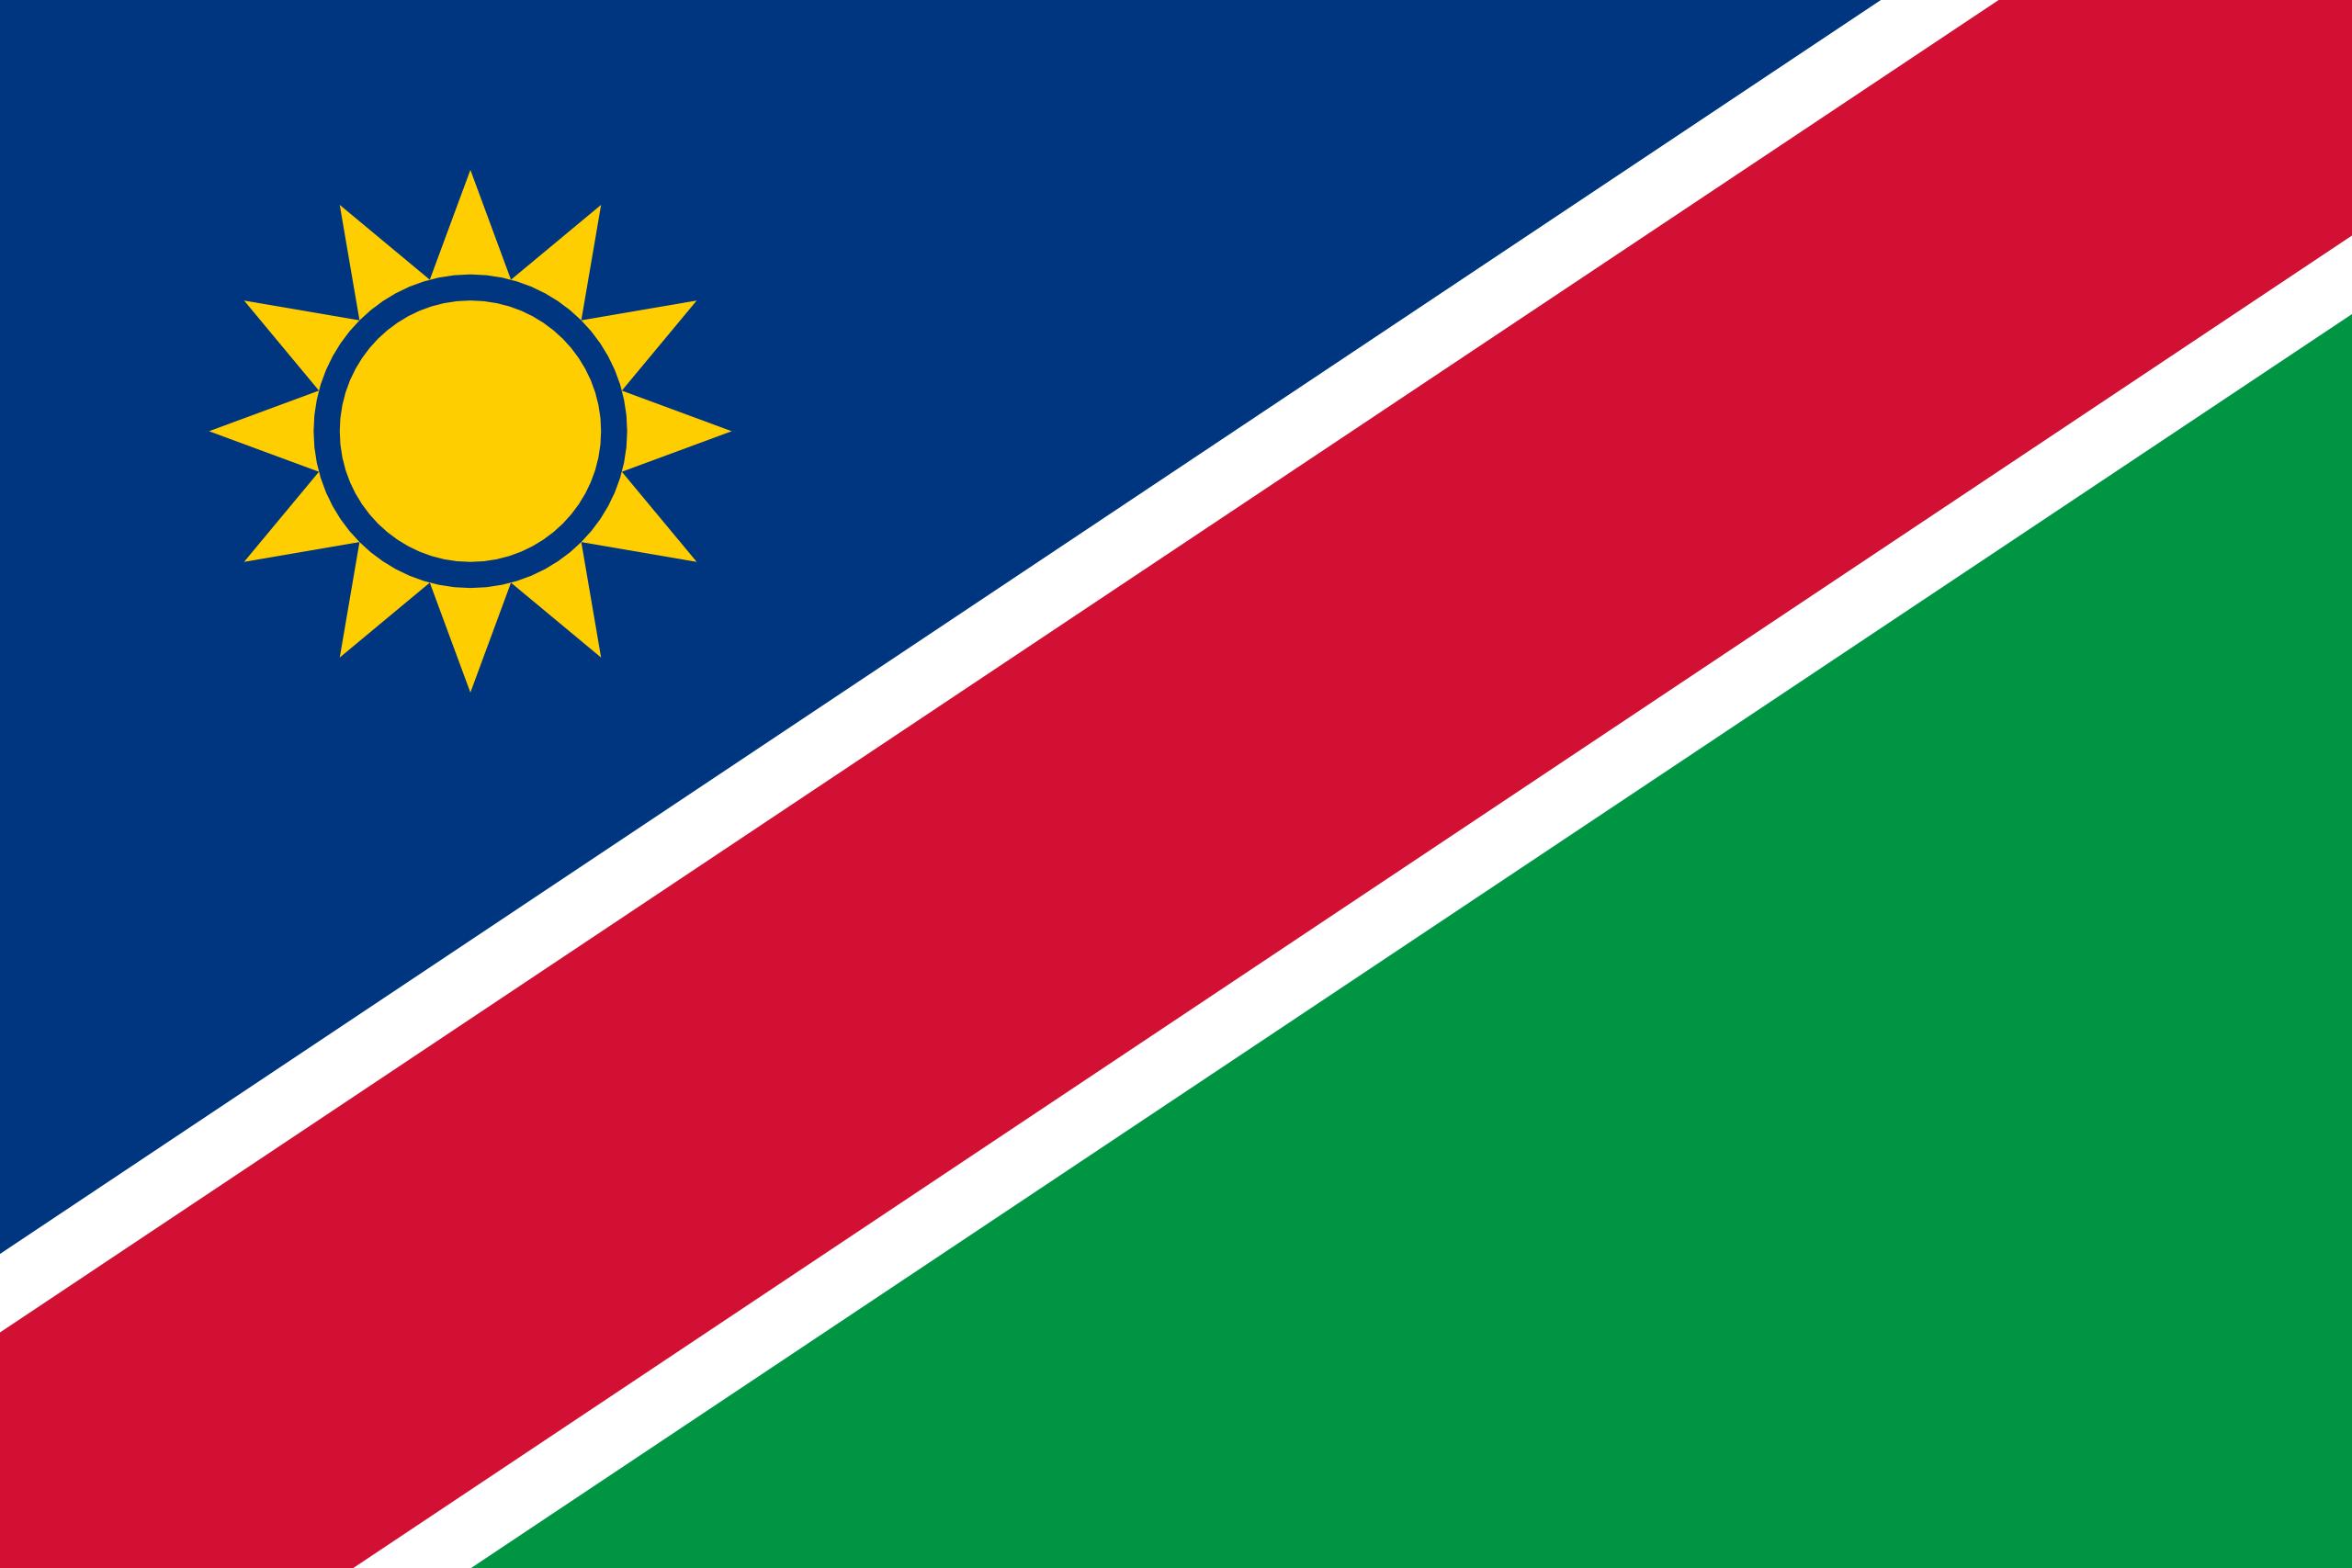 纳米比亚, 国家, 会徽, 徽标, 符号 - 高清壁纸 - 教授-falken.com